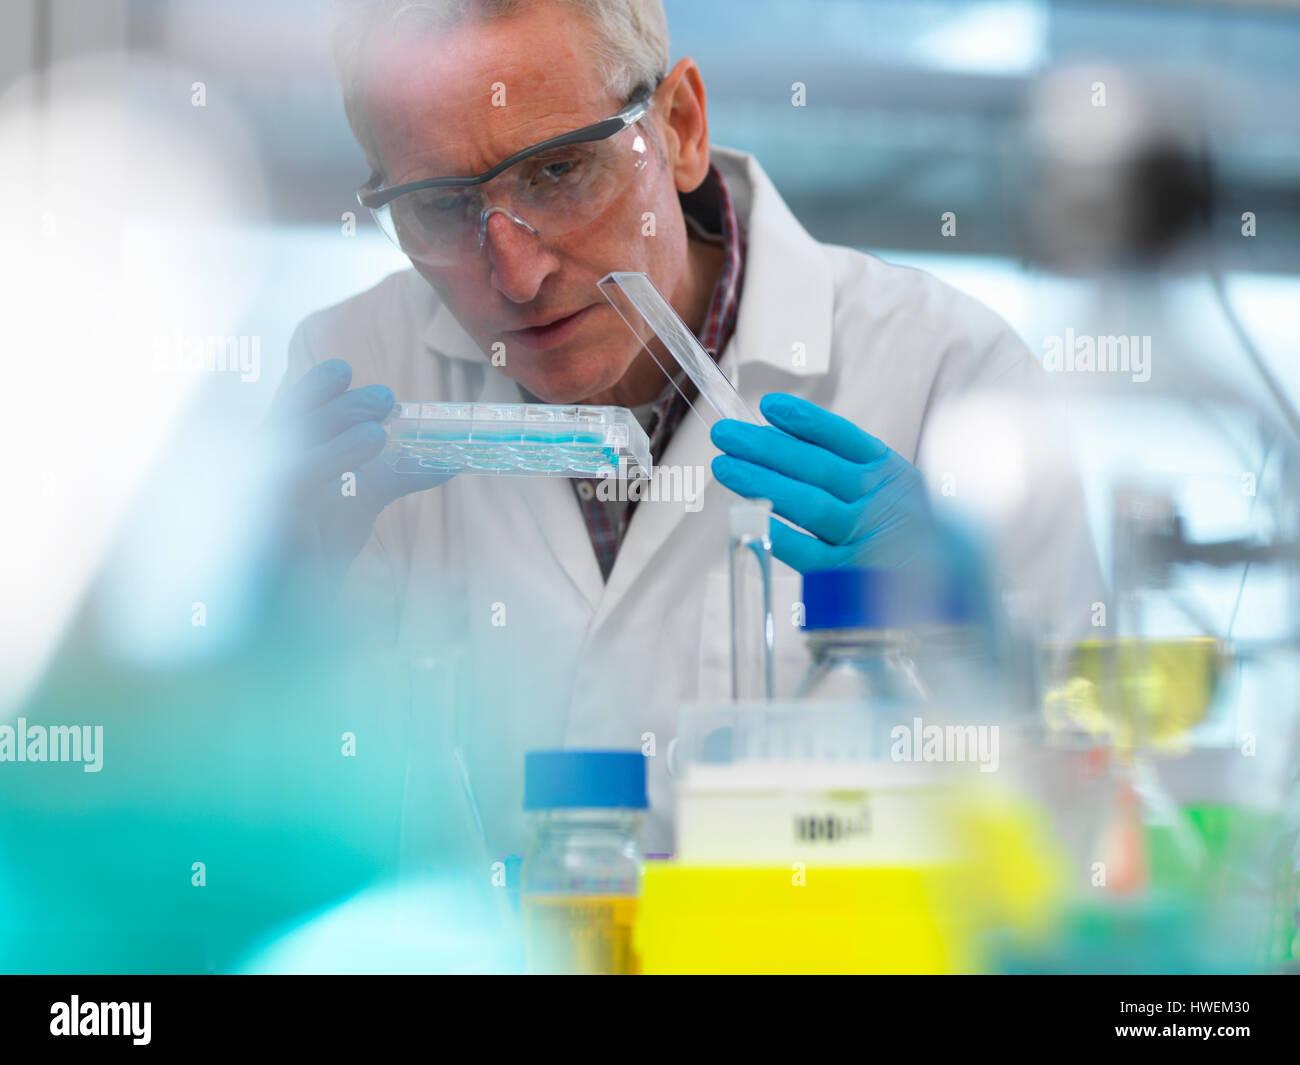 La investigación en biotecnología, el científico ver muestras en una placa de pocillos múltiples Imagen De Stock